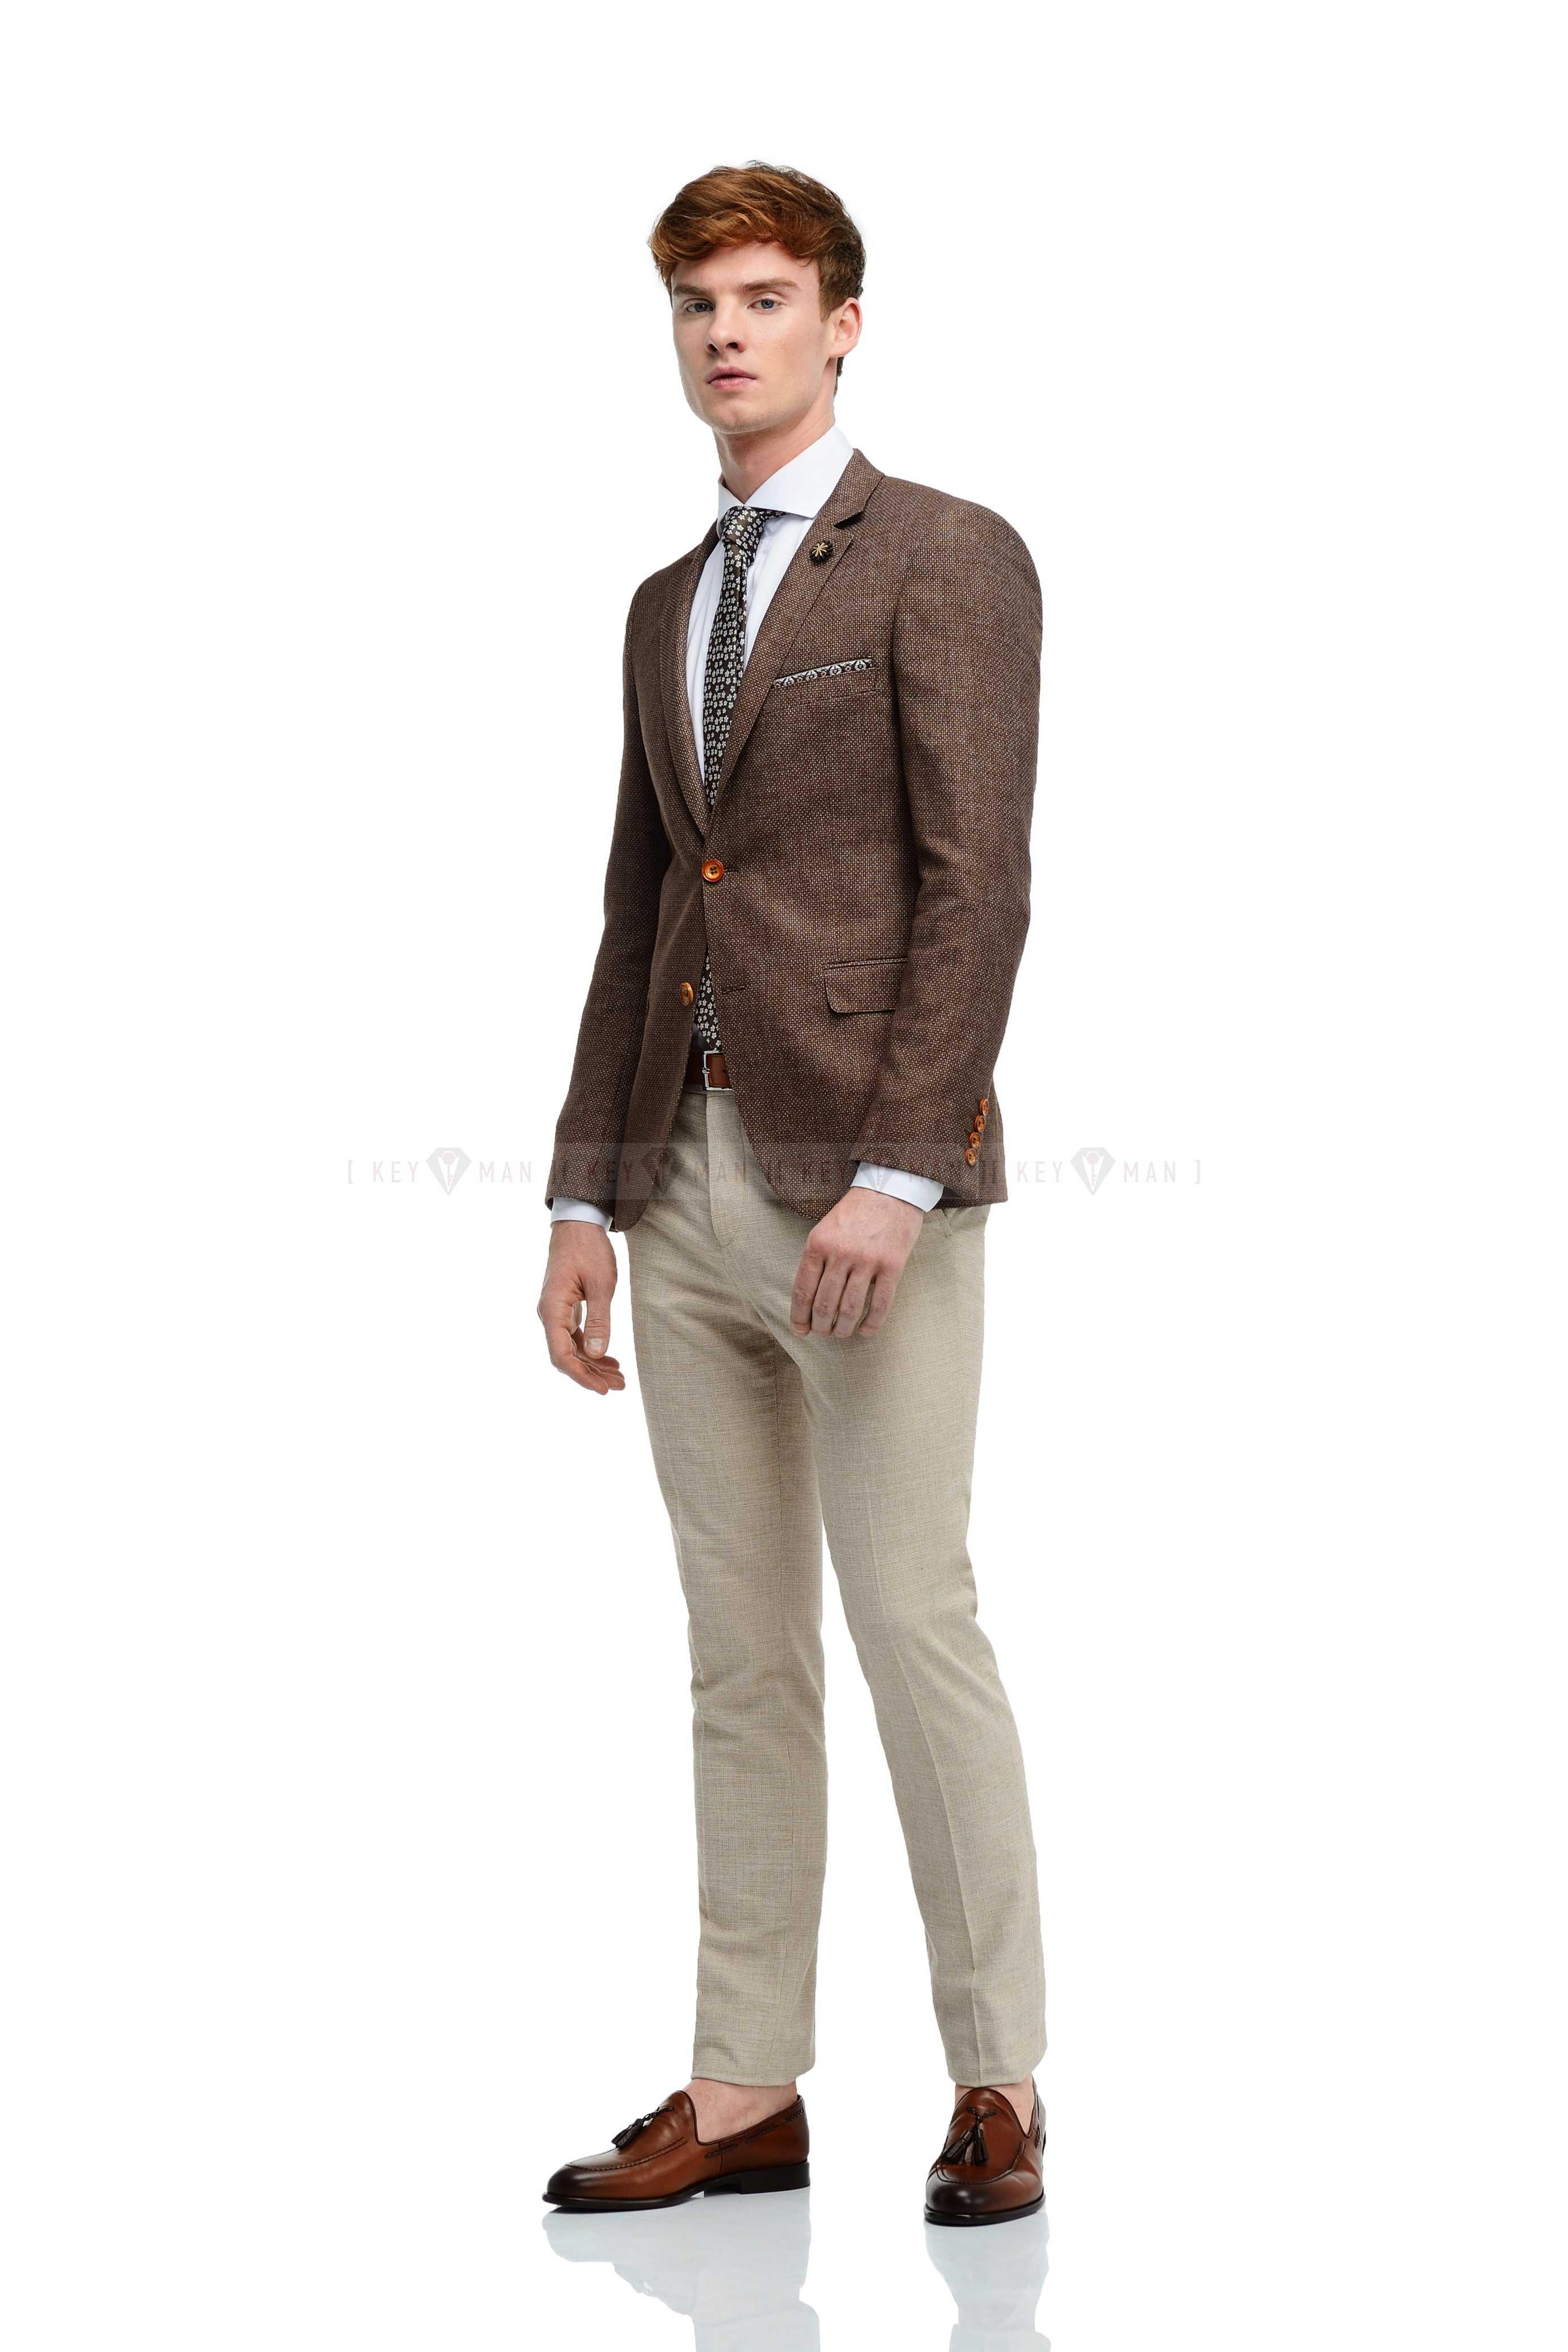 Пиджак мужской коричневый, фактурный материал из льна и хлопка